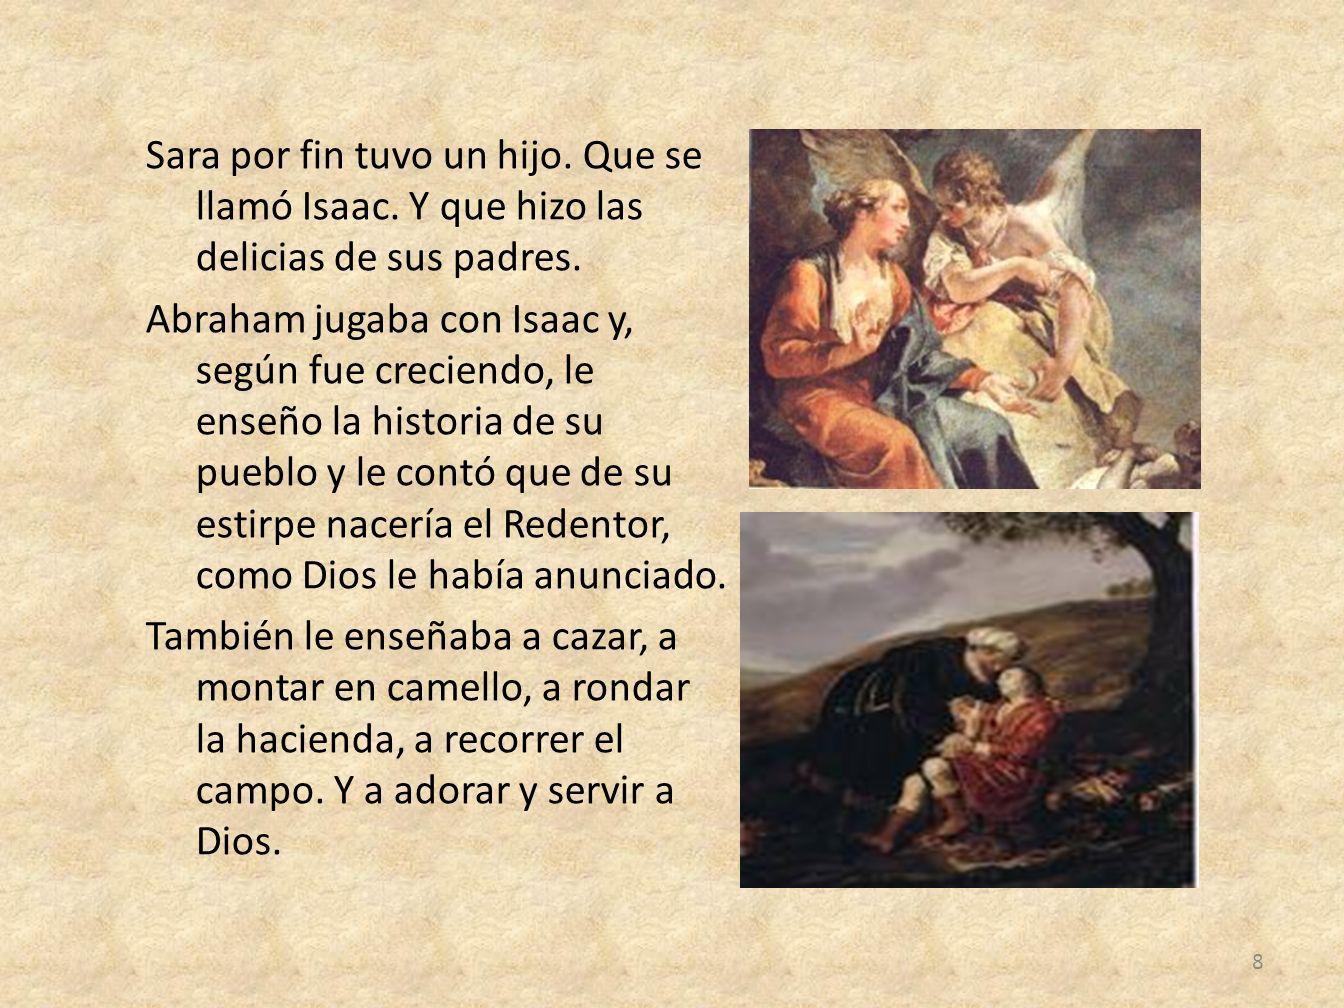 Sara por fin tuvo un hijo. Que se llamó Isaac. Y que hizo las delicias de sus padres. Abraham jugaba con Isaac y, según fue creciendo, le enseño la hi